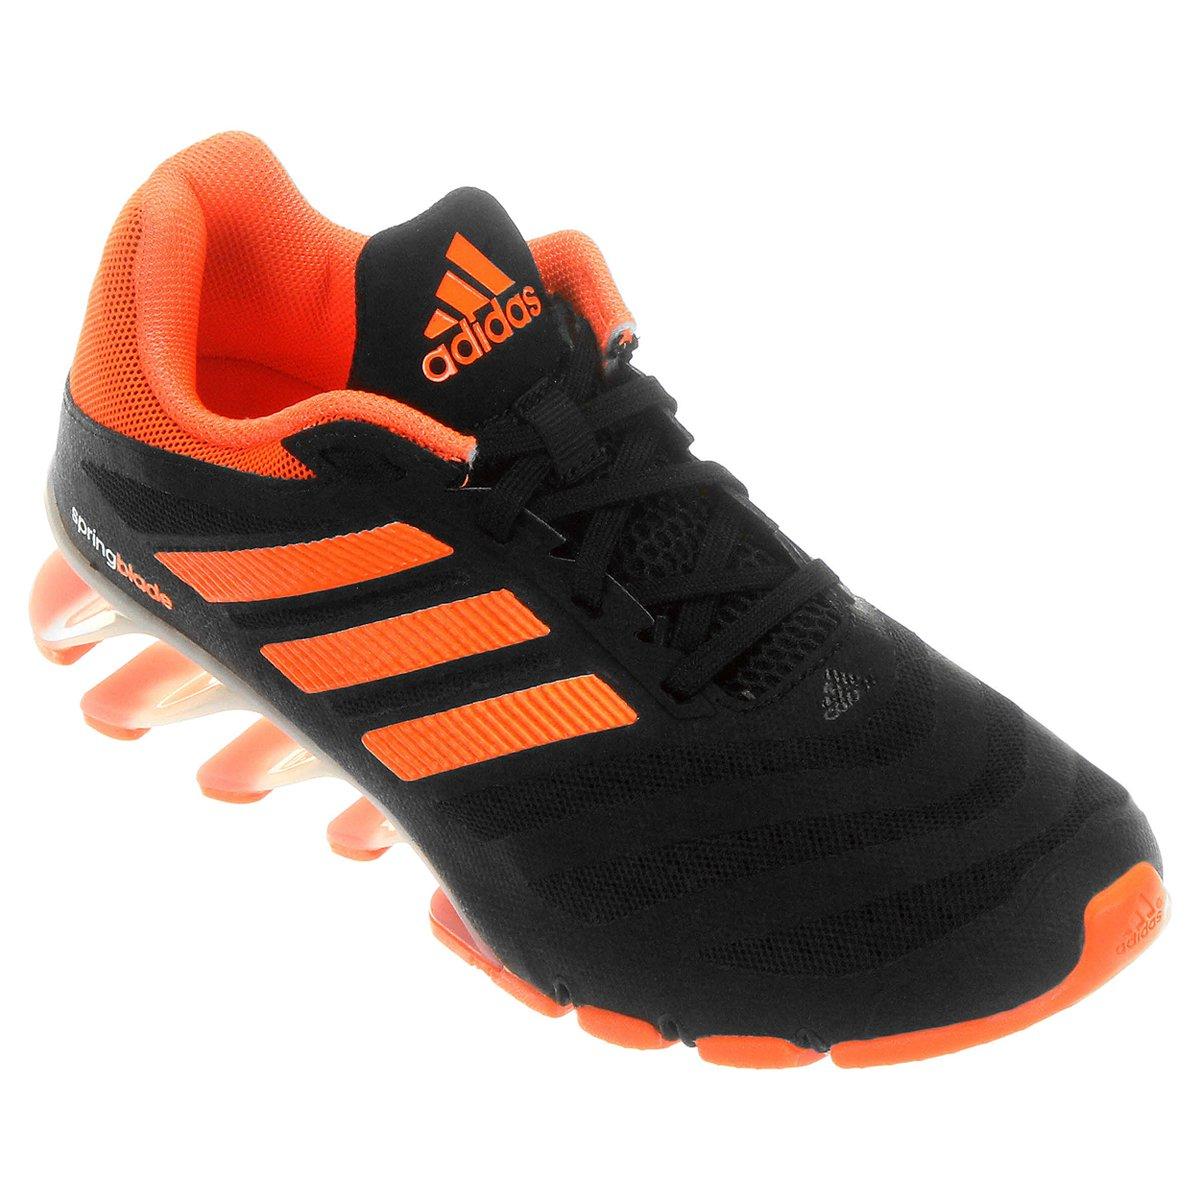 b641656e6 Tênis Adidas Springblade Ignite 2 Infantil - Compre Agora | Zattini